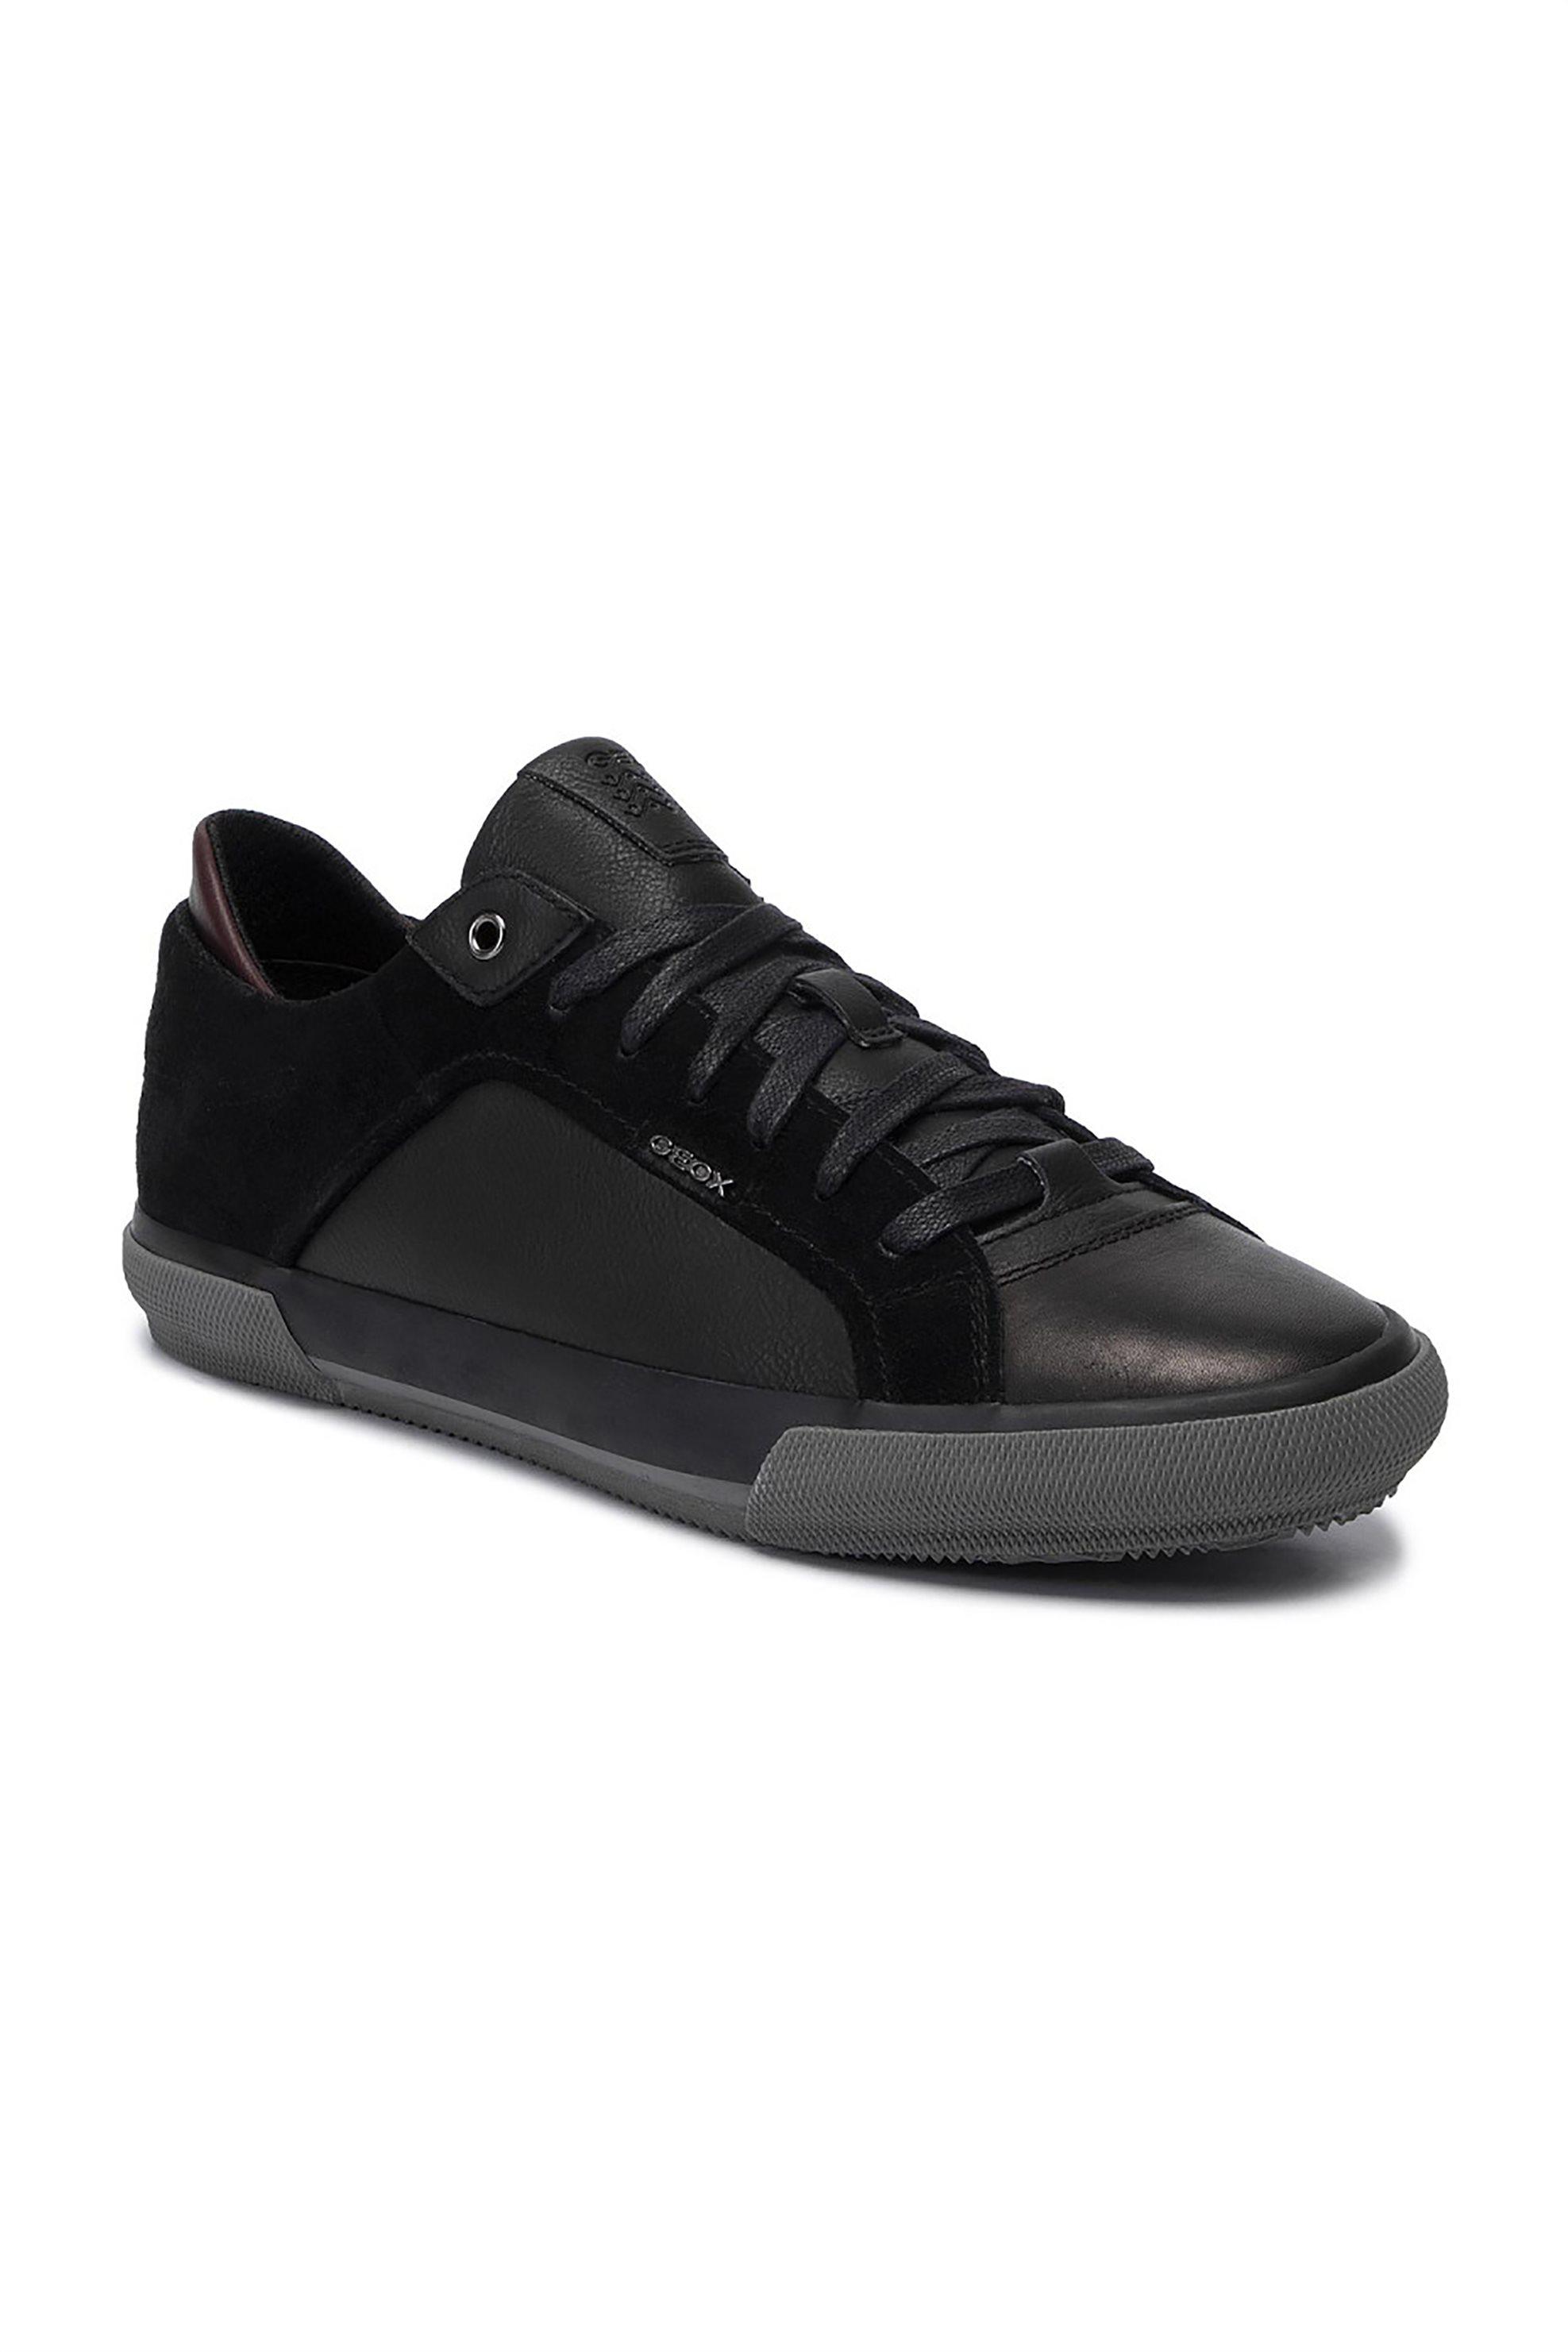 Geox ανδρικά sneakers με suede λεπτομέρειες Kaven – U946MB – Μαύρο